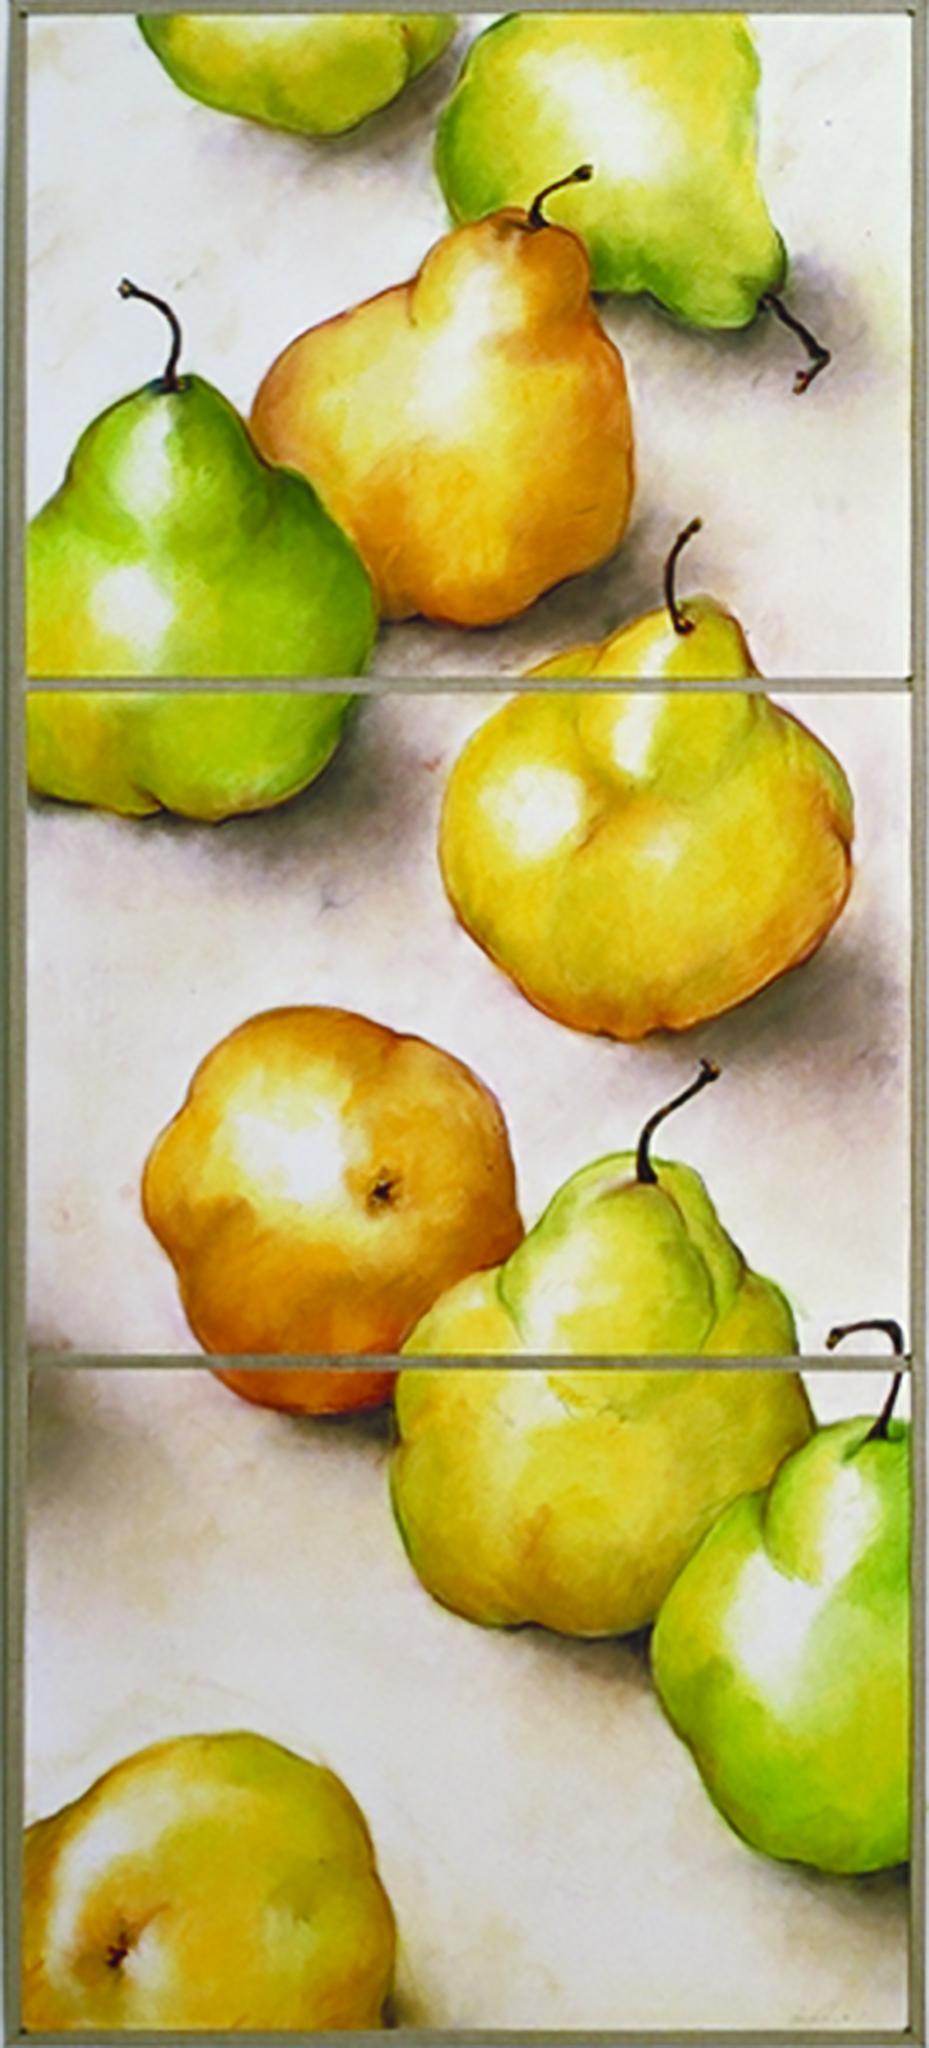 Cascade, Pears